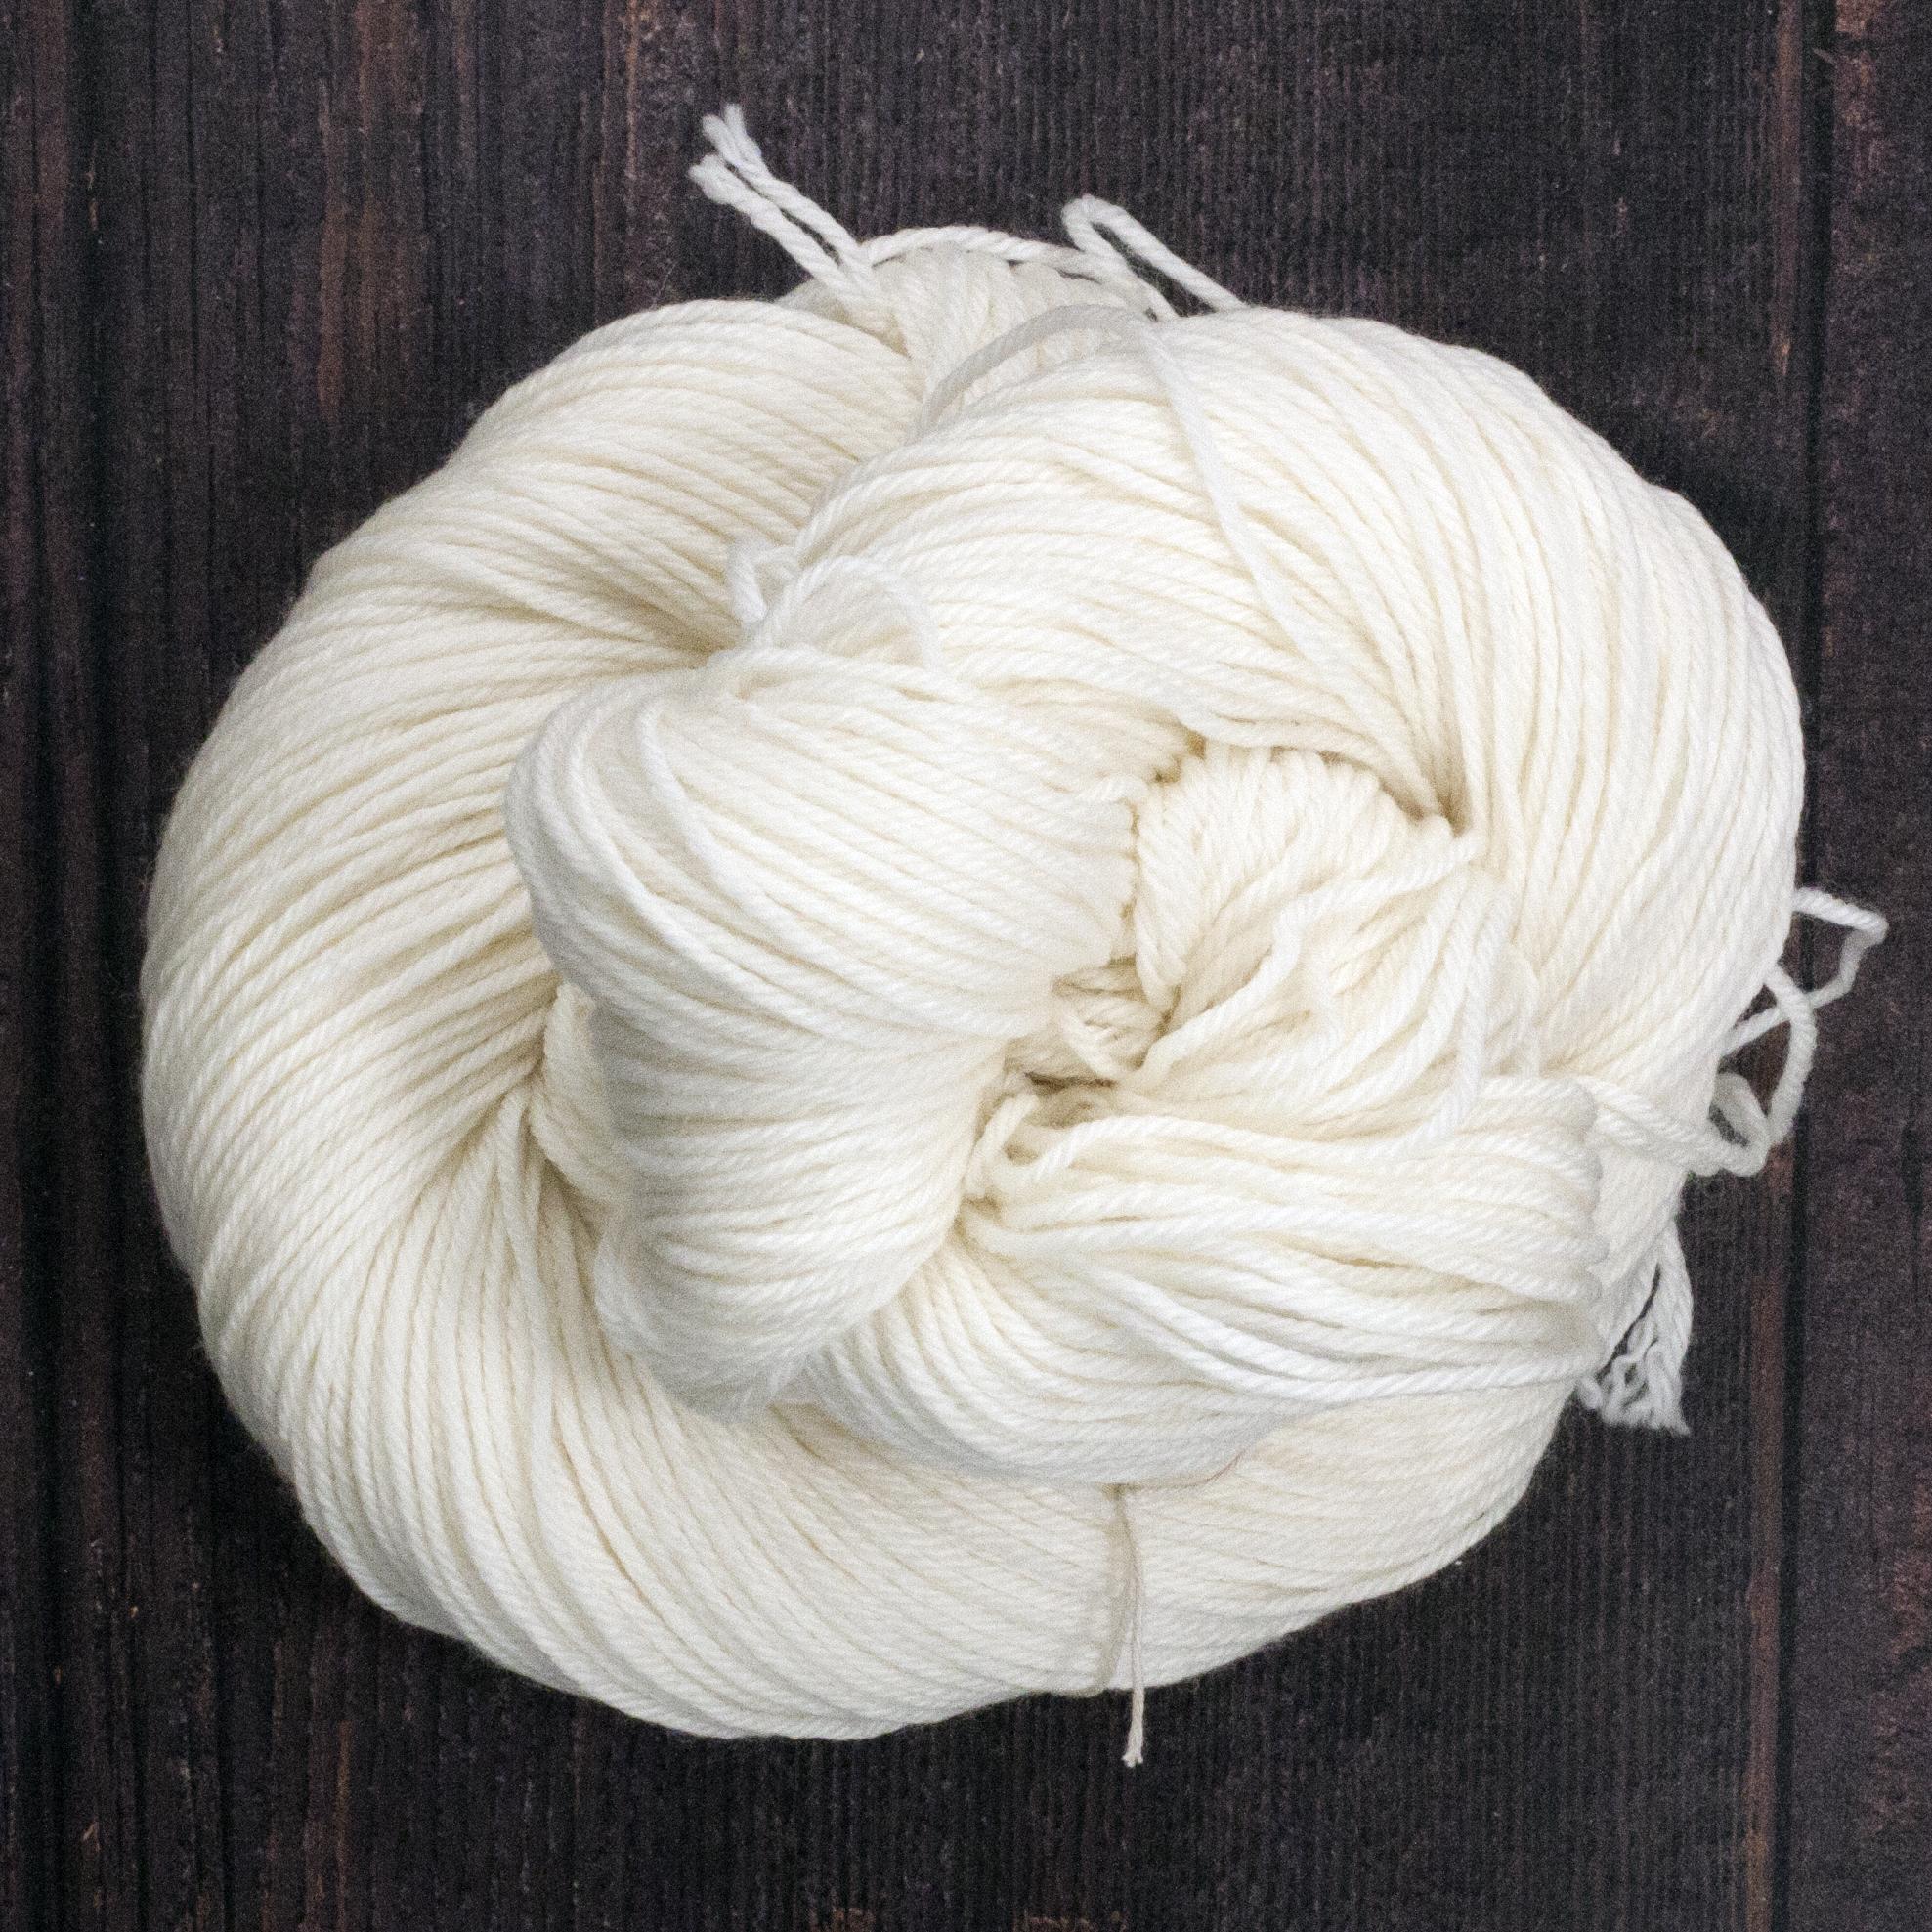 Type 49153   MCN Sport 262  80% Superwash Merino Wool 10% Cashmere 10% Nylon  100g Hanks 262m per 100g 4/10.5nm